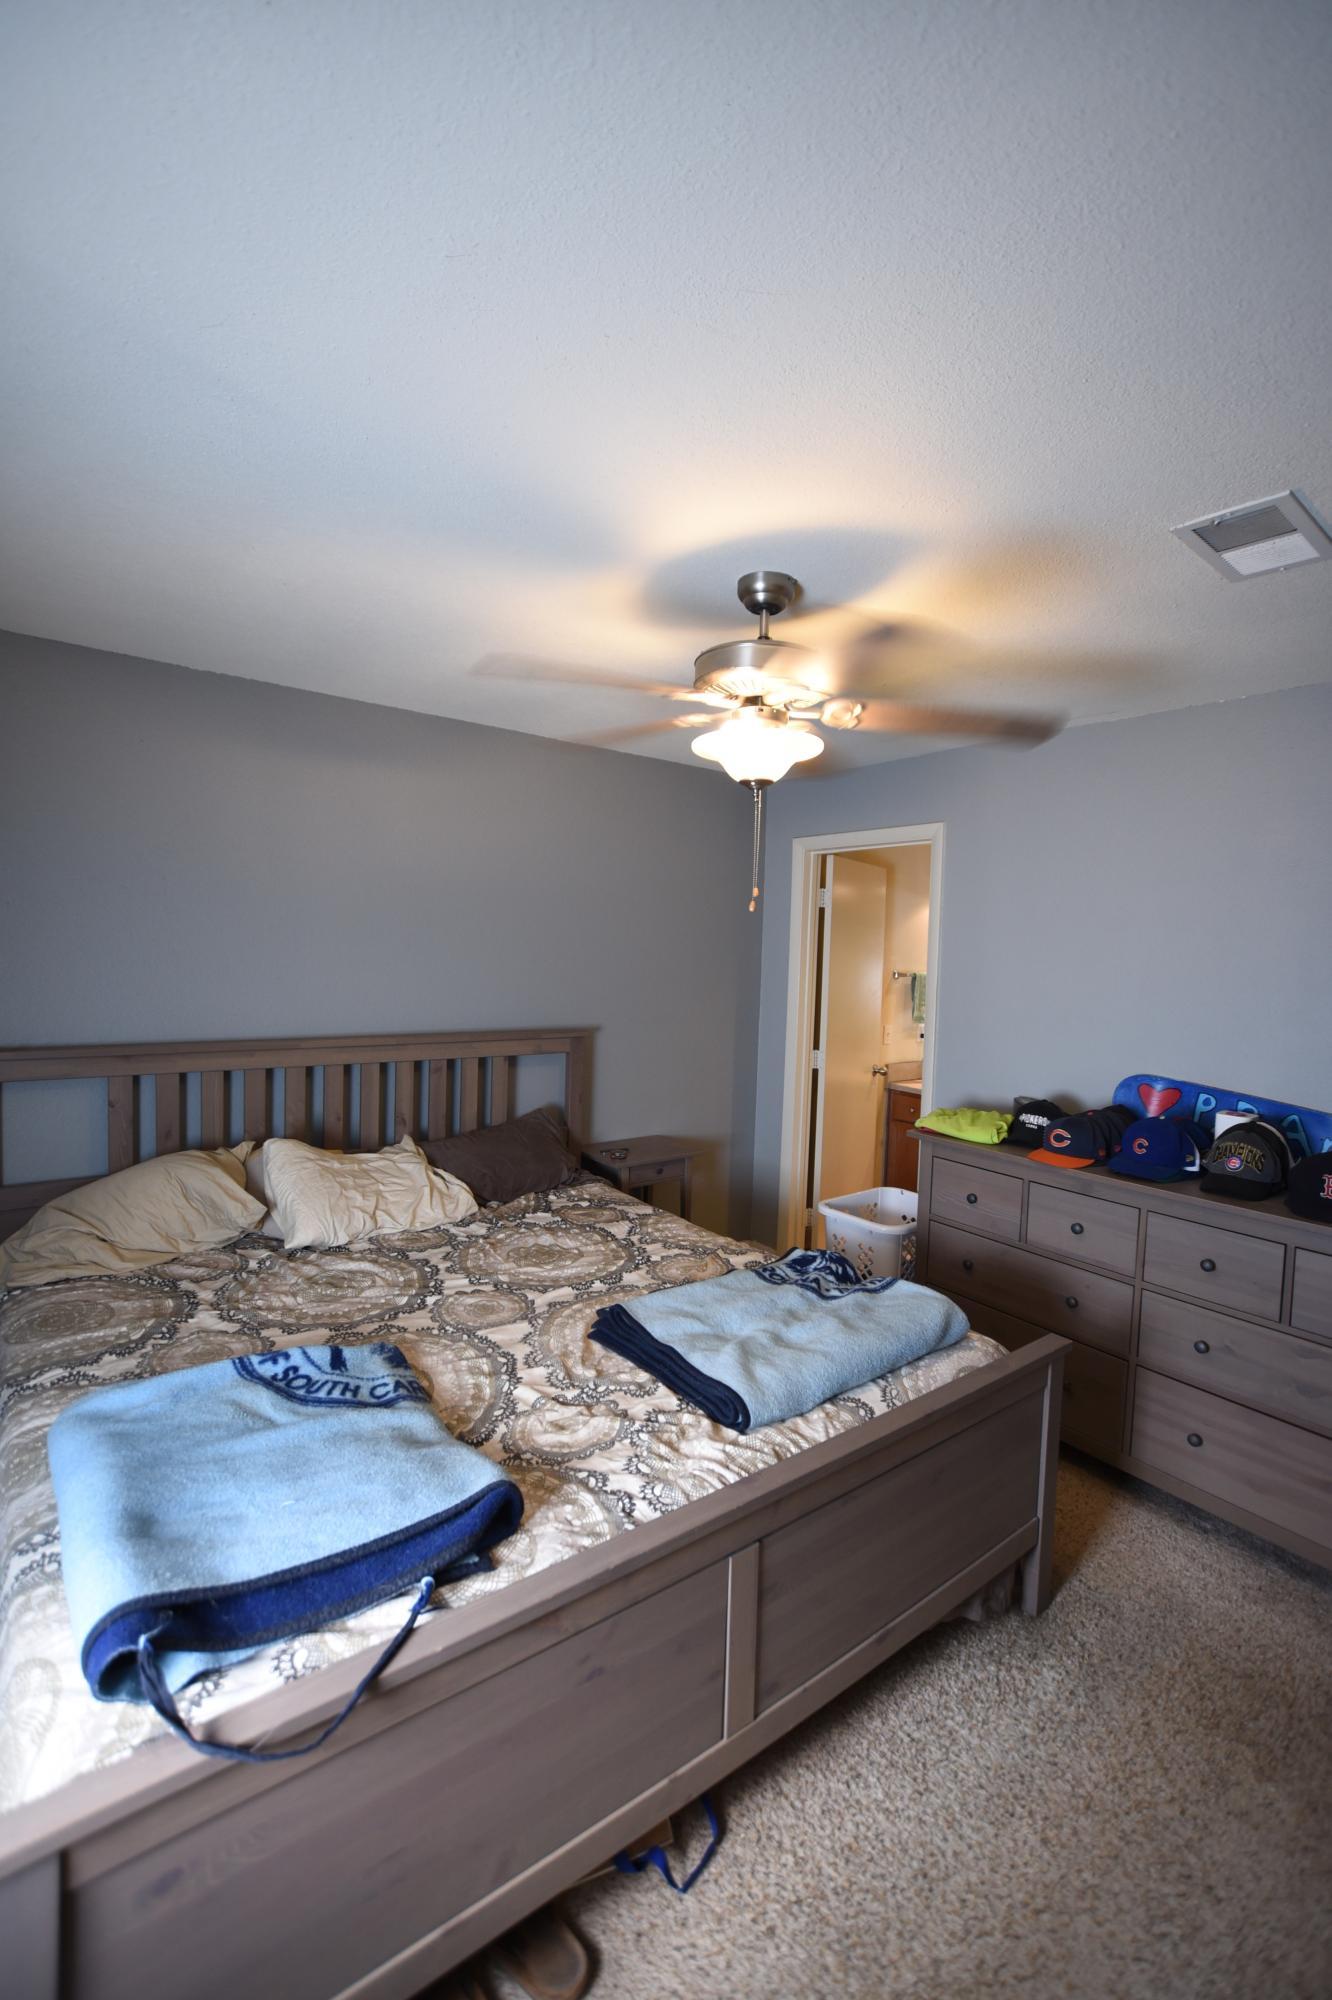 East Bridge Town Lofts Homes For Sale - 266 Alexandra, Mount Pleasant, SC - 8